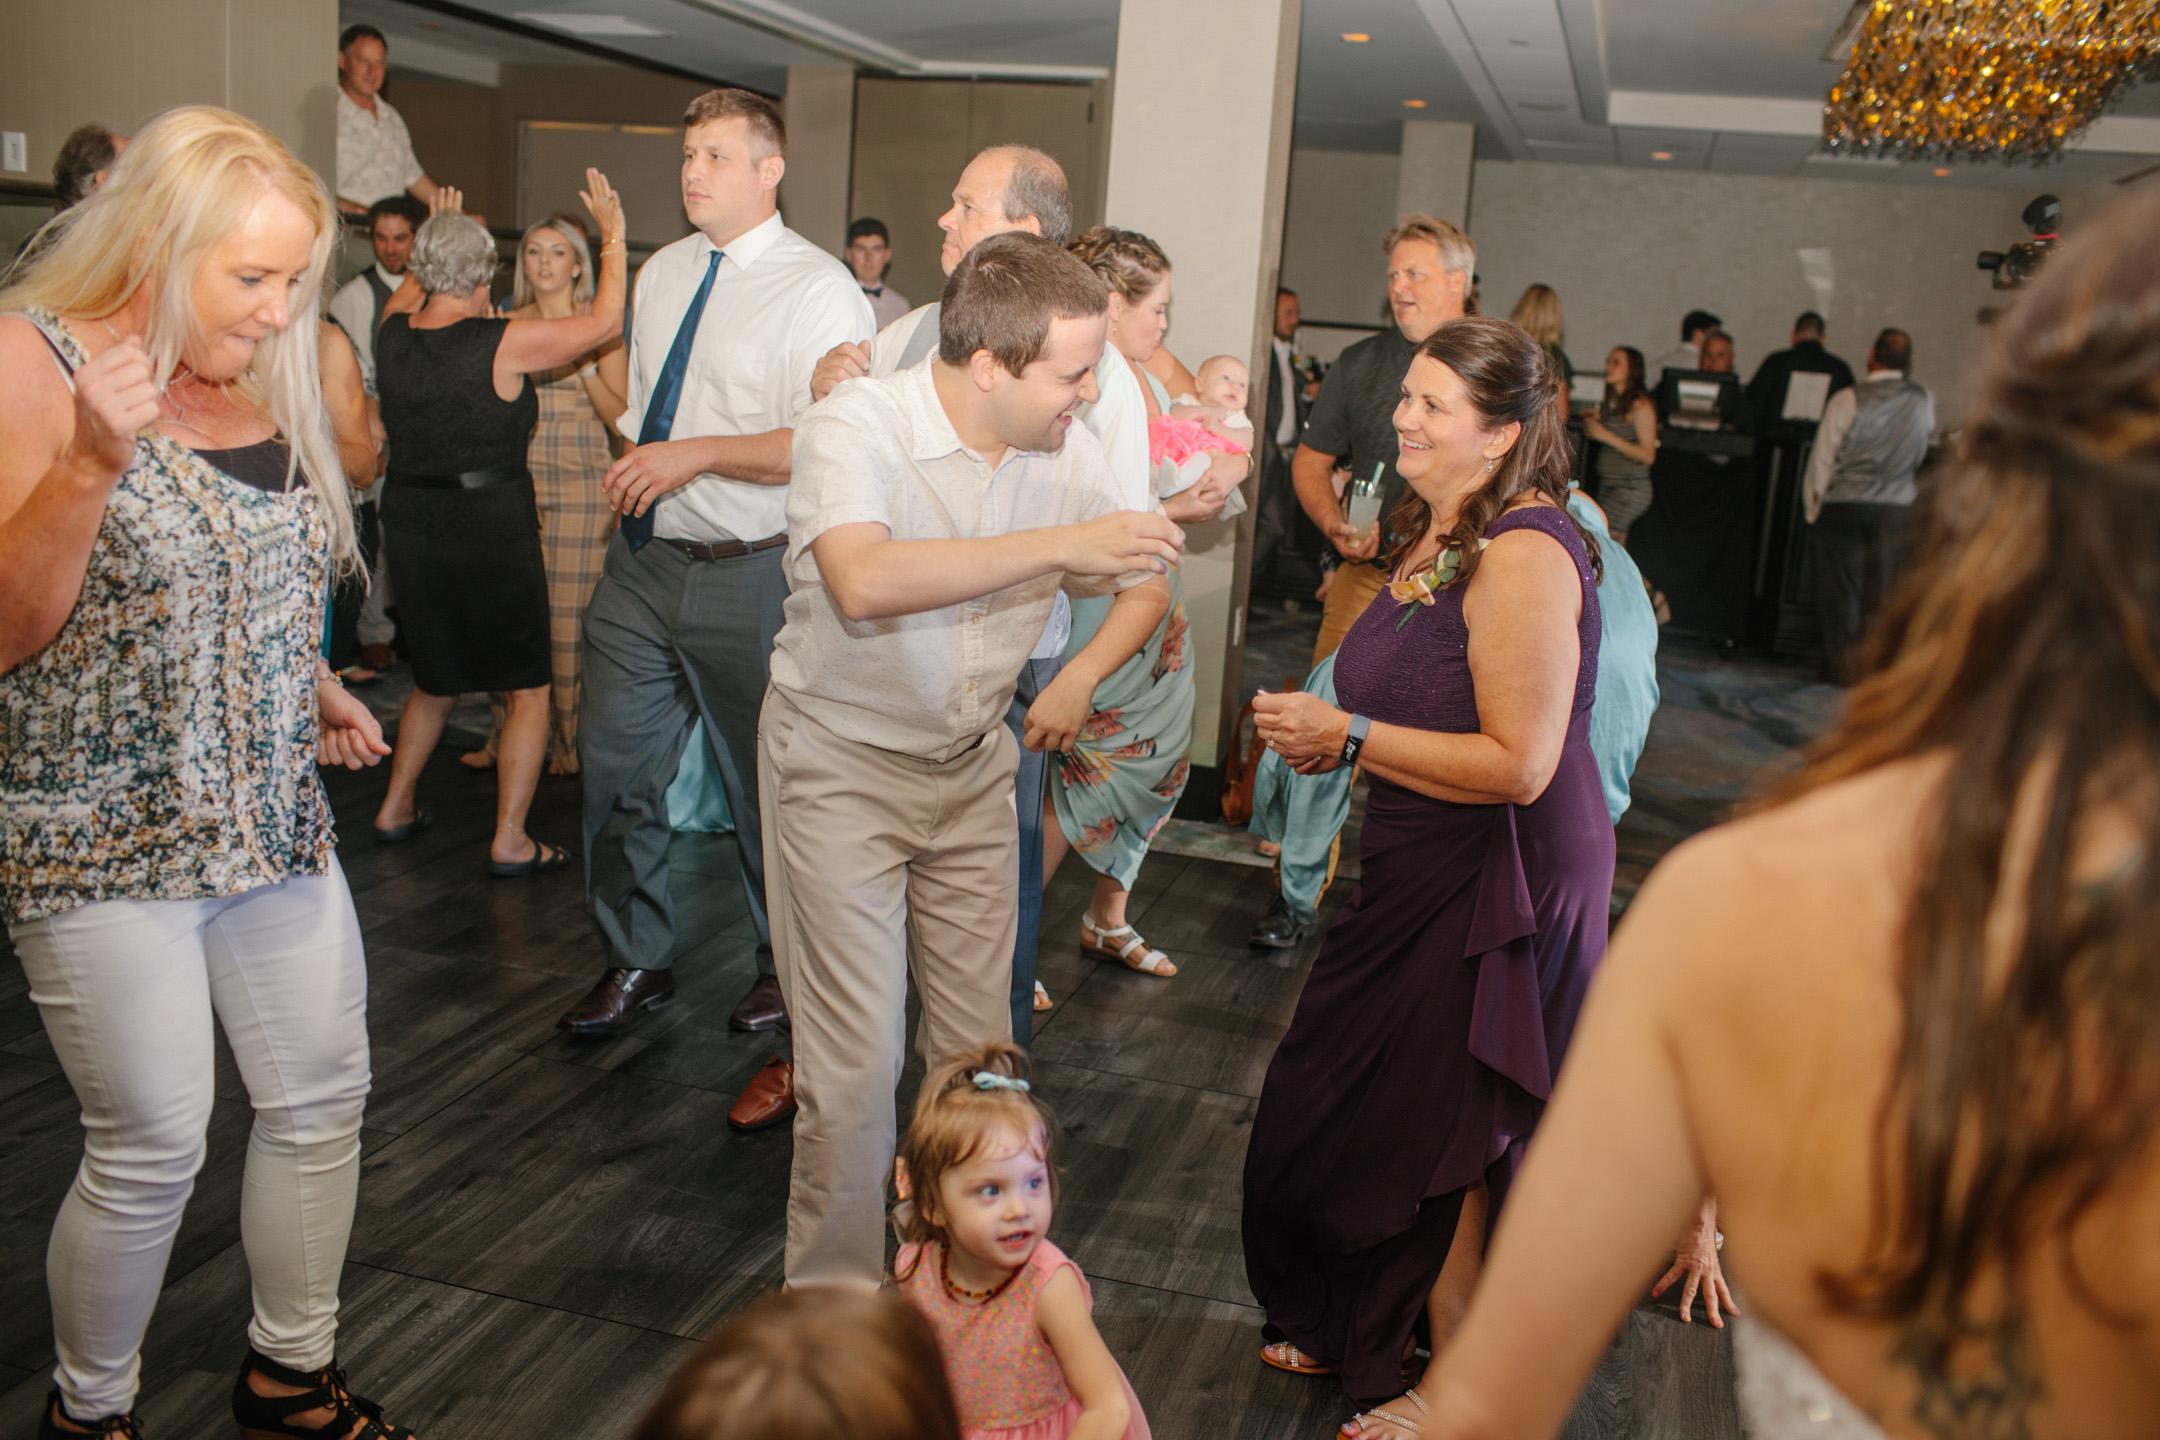 DANCE_PARTY-photos-wedding-des-moines-01